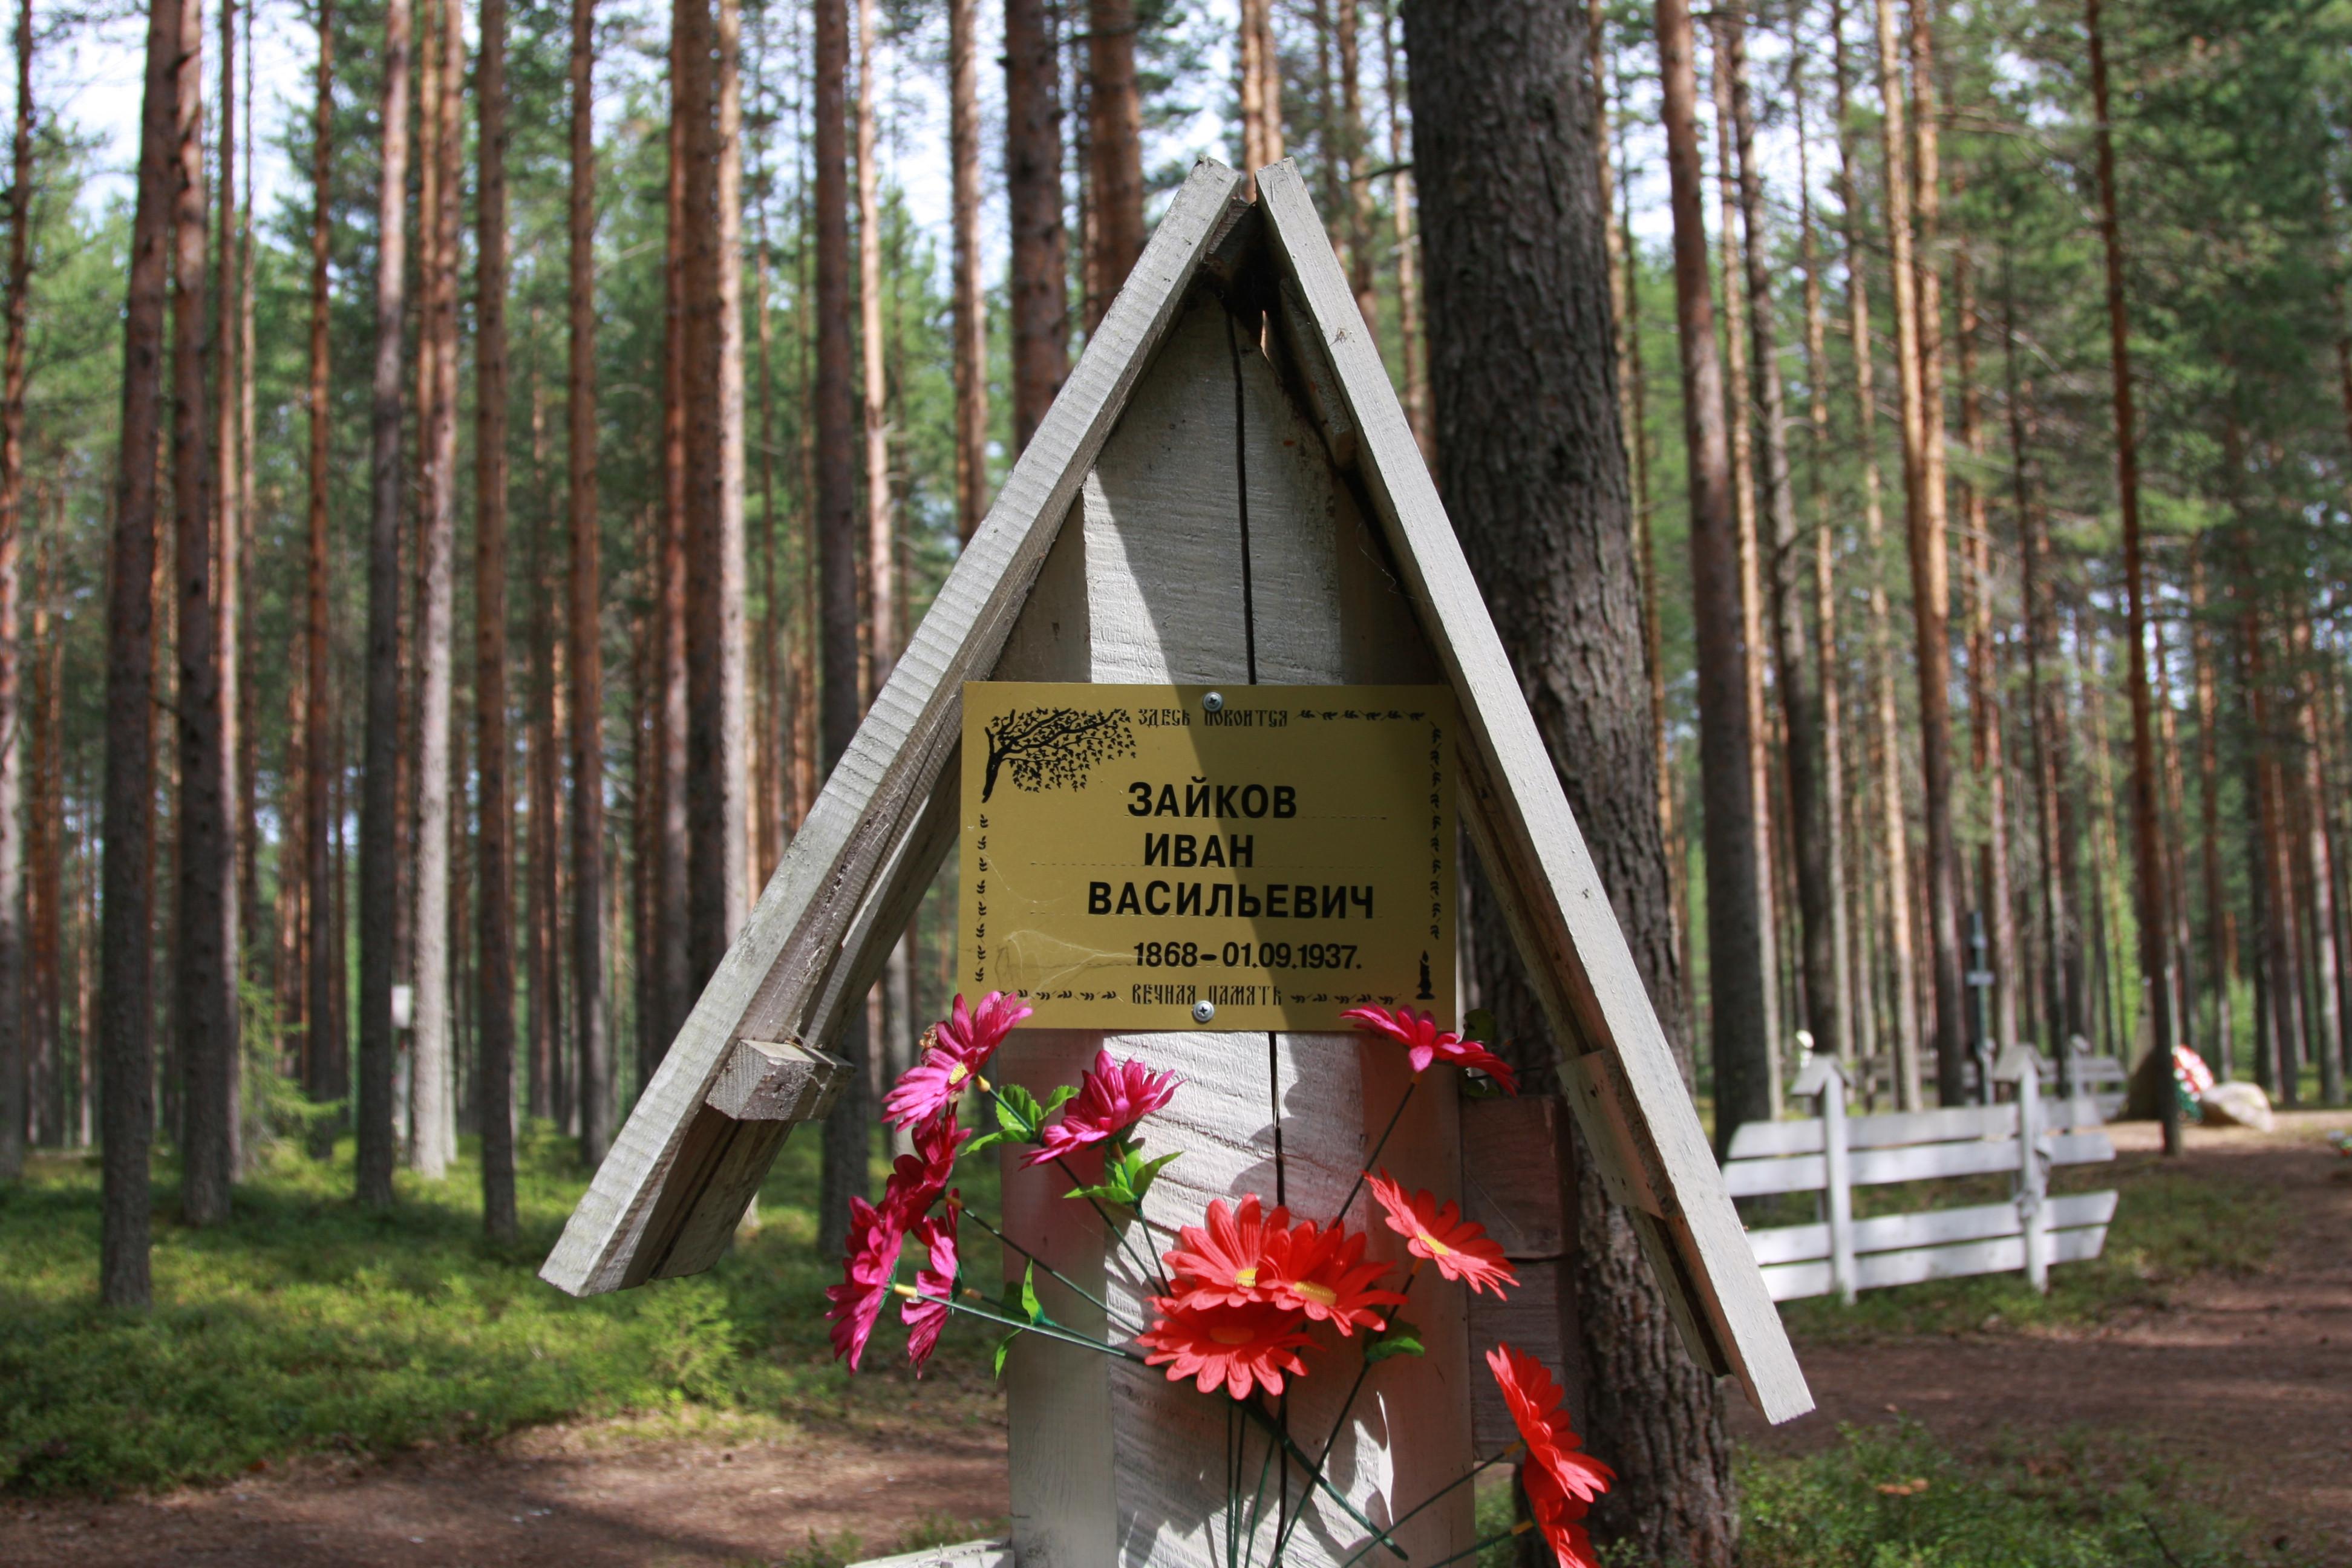 Памятная табличка «Зайков Иван Васильевич». Фото 04.08.2018.